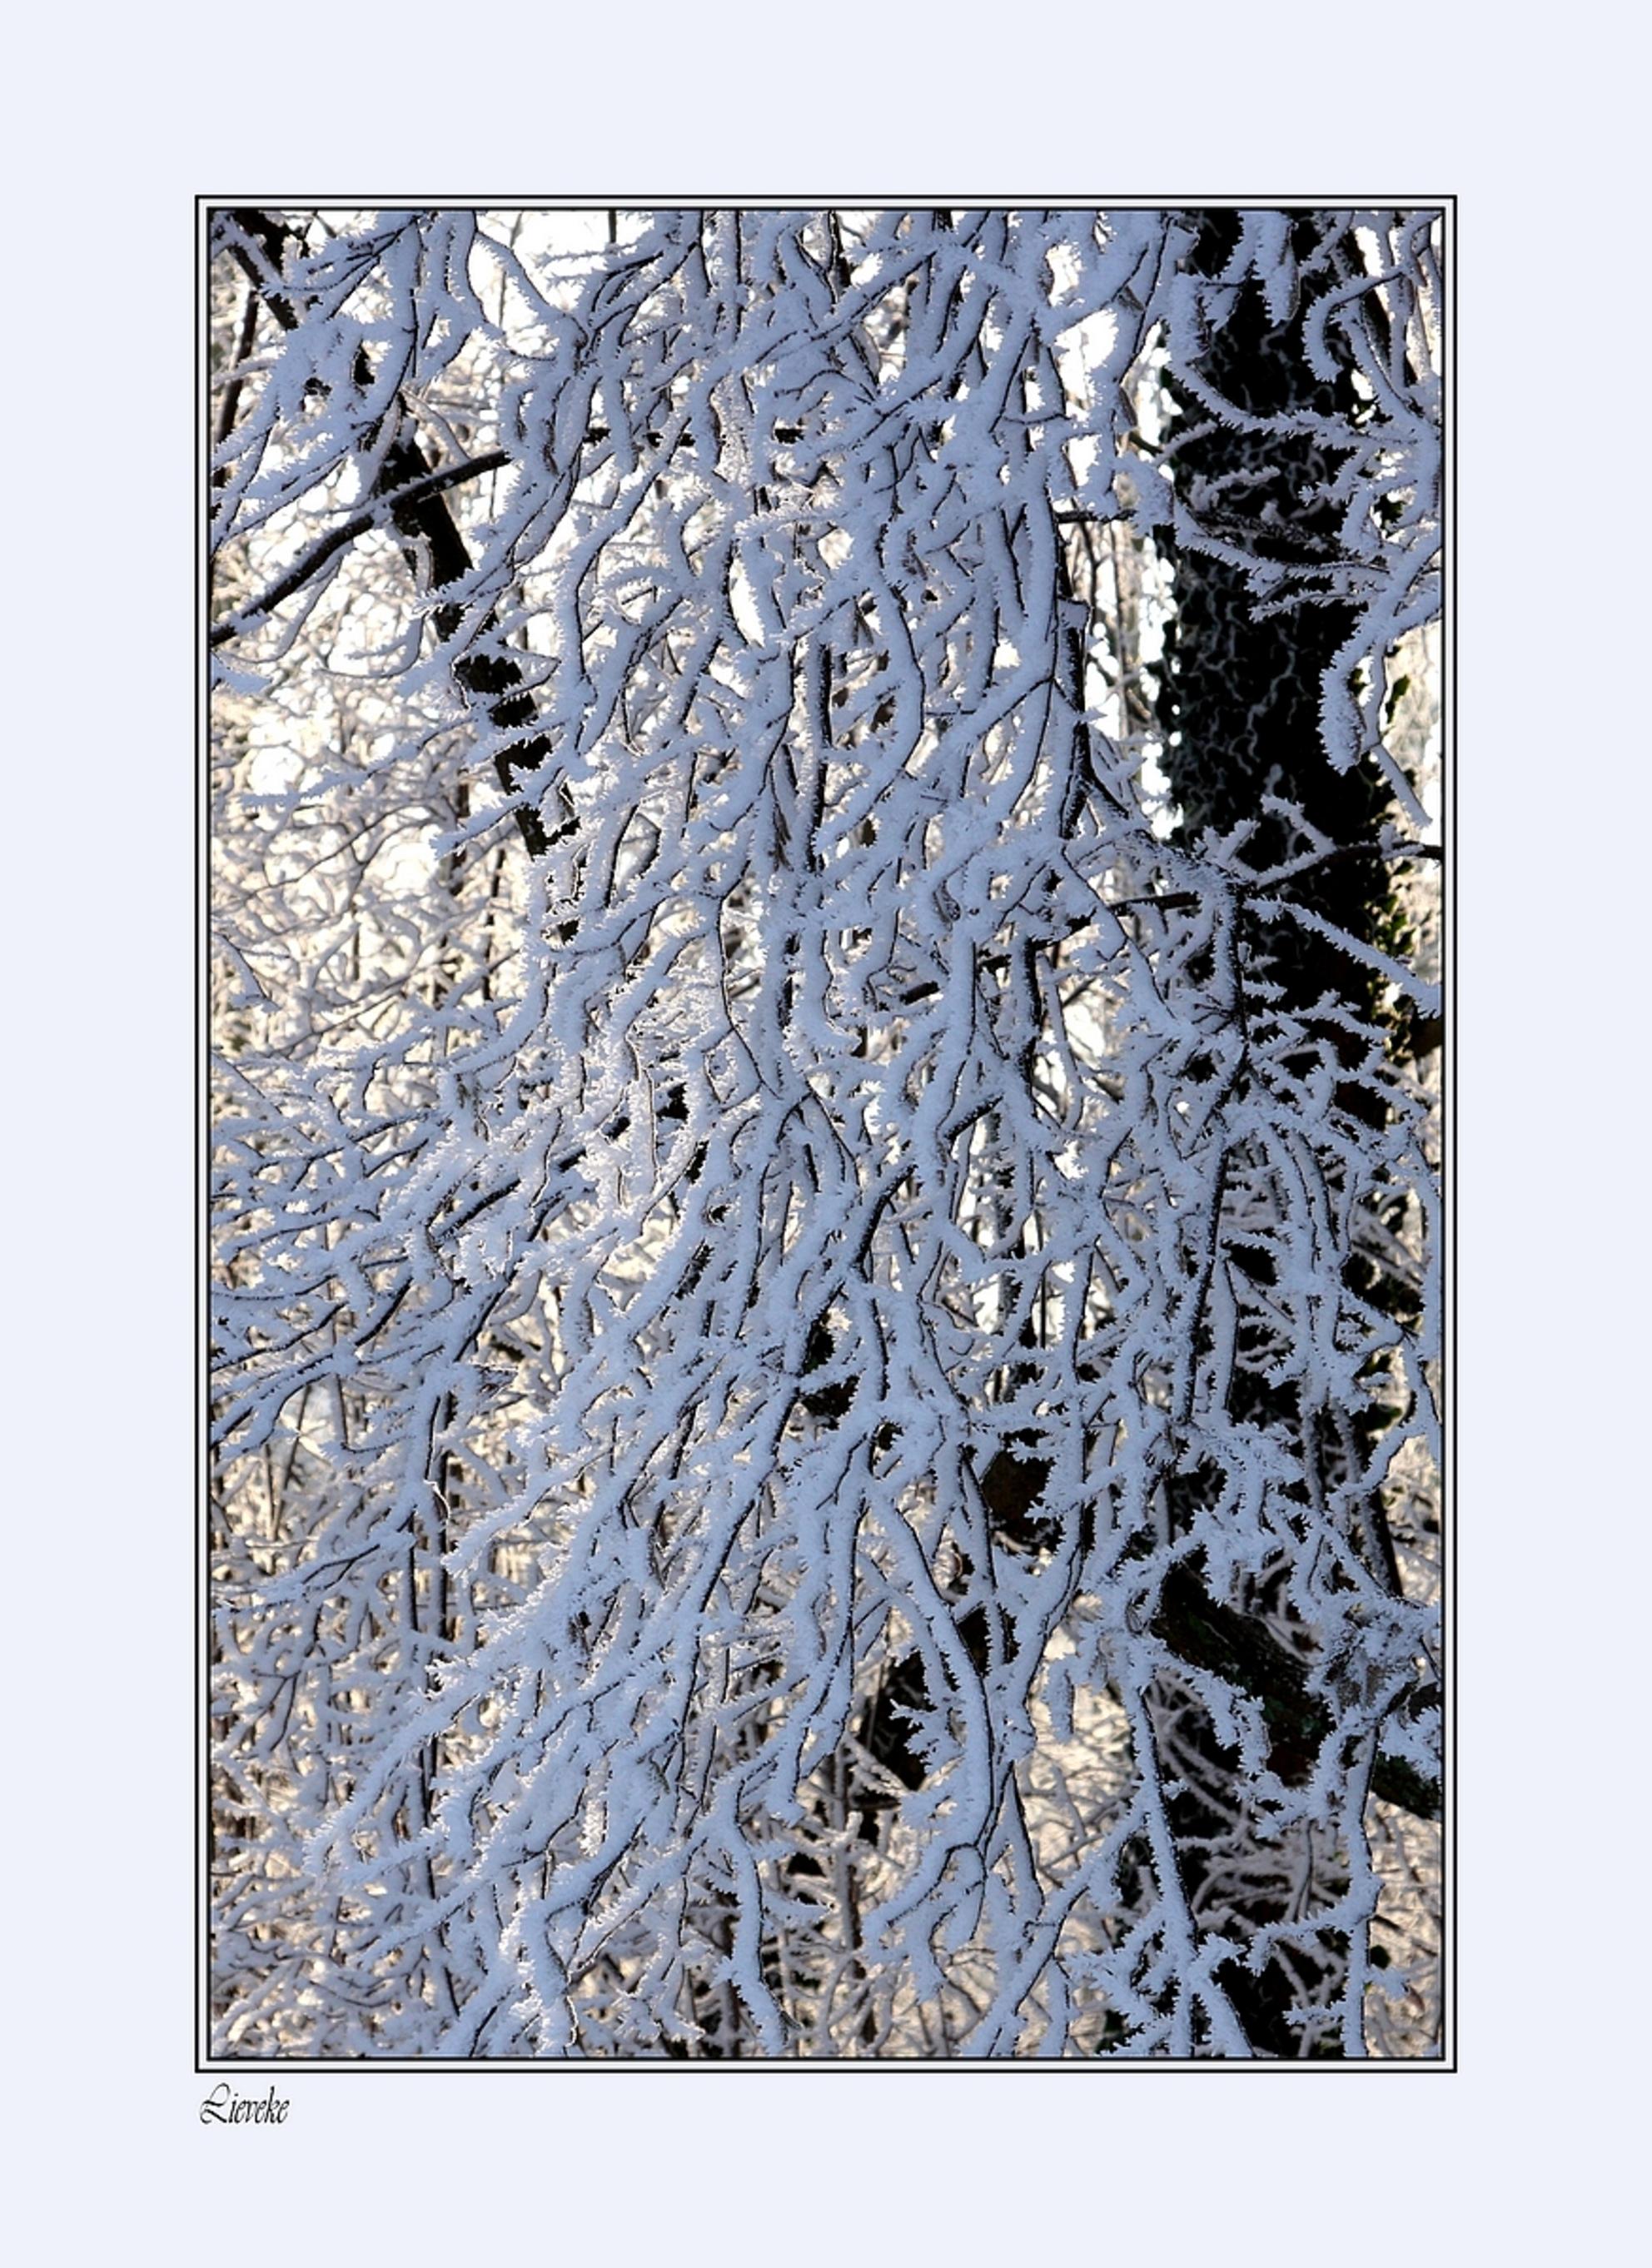 Winter - 9 januari 2009  Canon EOS 40D  Tv(Shutter Speed)  1/250Sec. Av(Aperture Value)  F8.0 ISO   320 Exposure comp.  + 1/3 Lens  EF24-105mm f/4L IS  - foto door lieveke_zoom op 25-01-2009 - deze foto bevat: wit, boom, rijp, winter, takjes, lieveke - Deze foto mag gebruikt worden in een Zoom.nl publicatie